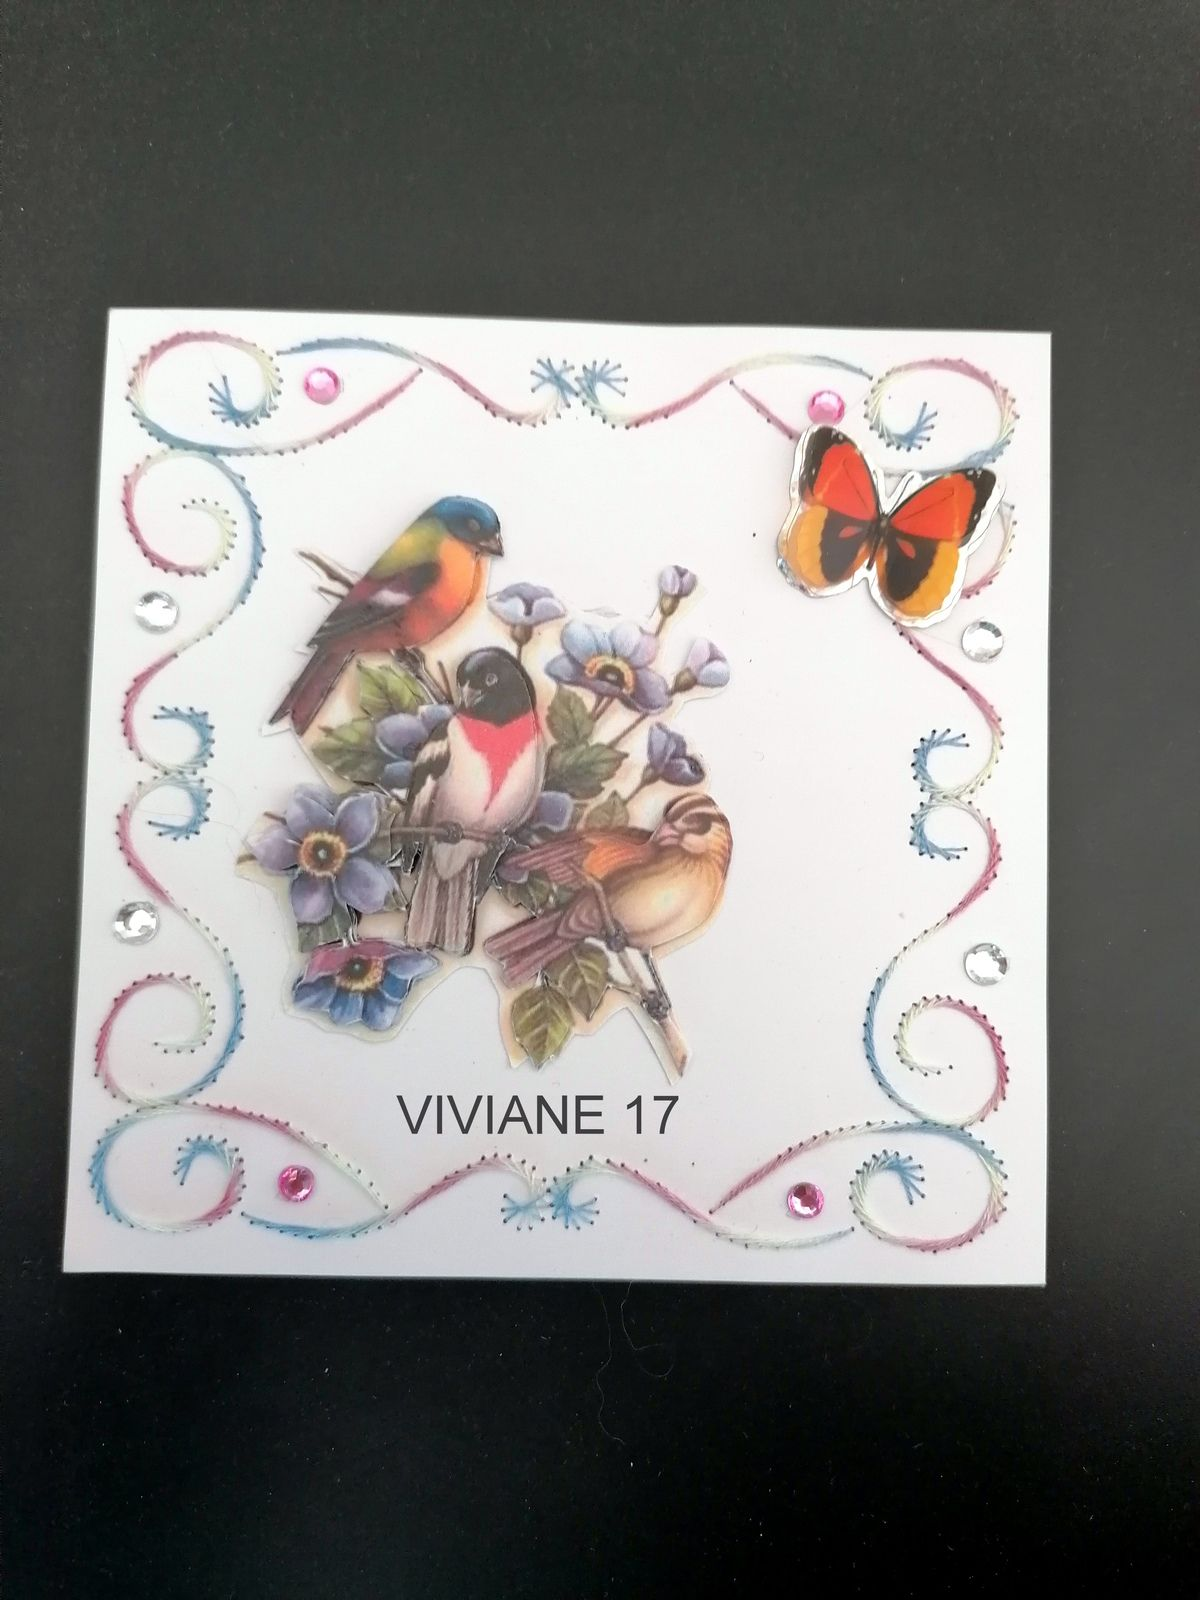 CARTE BRODEE DE NOTRE MISS VIVIANE 17 N° 1 ET 2